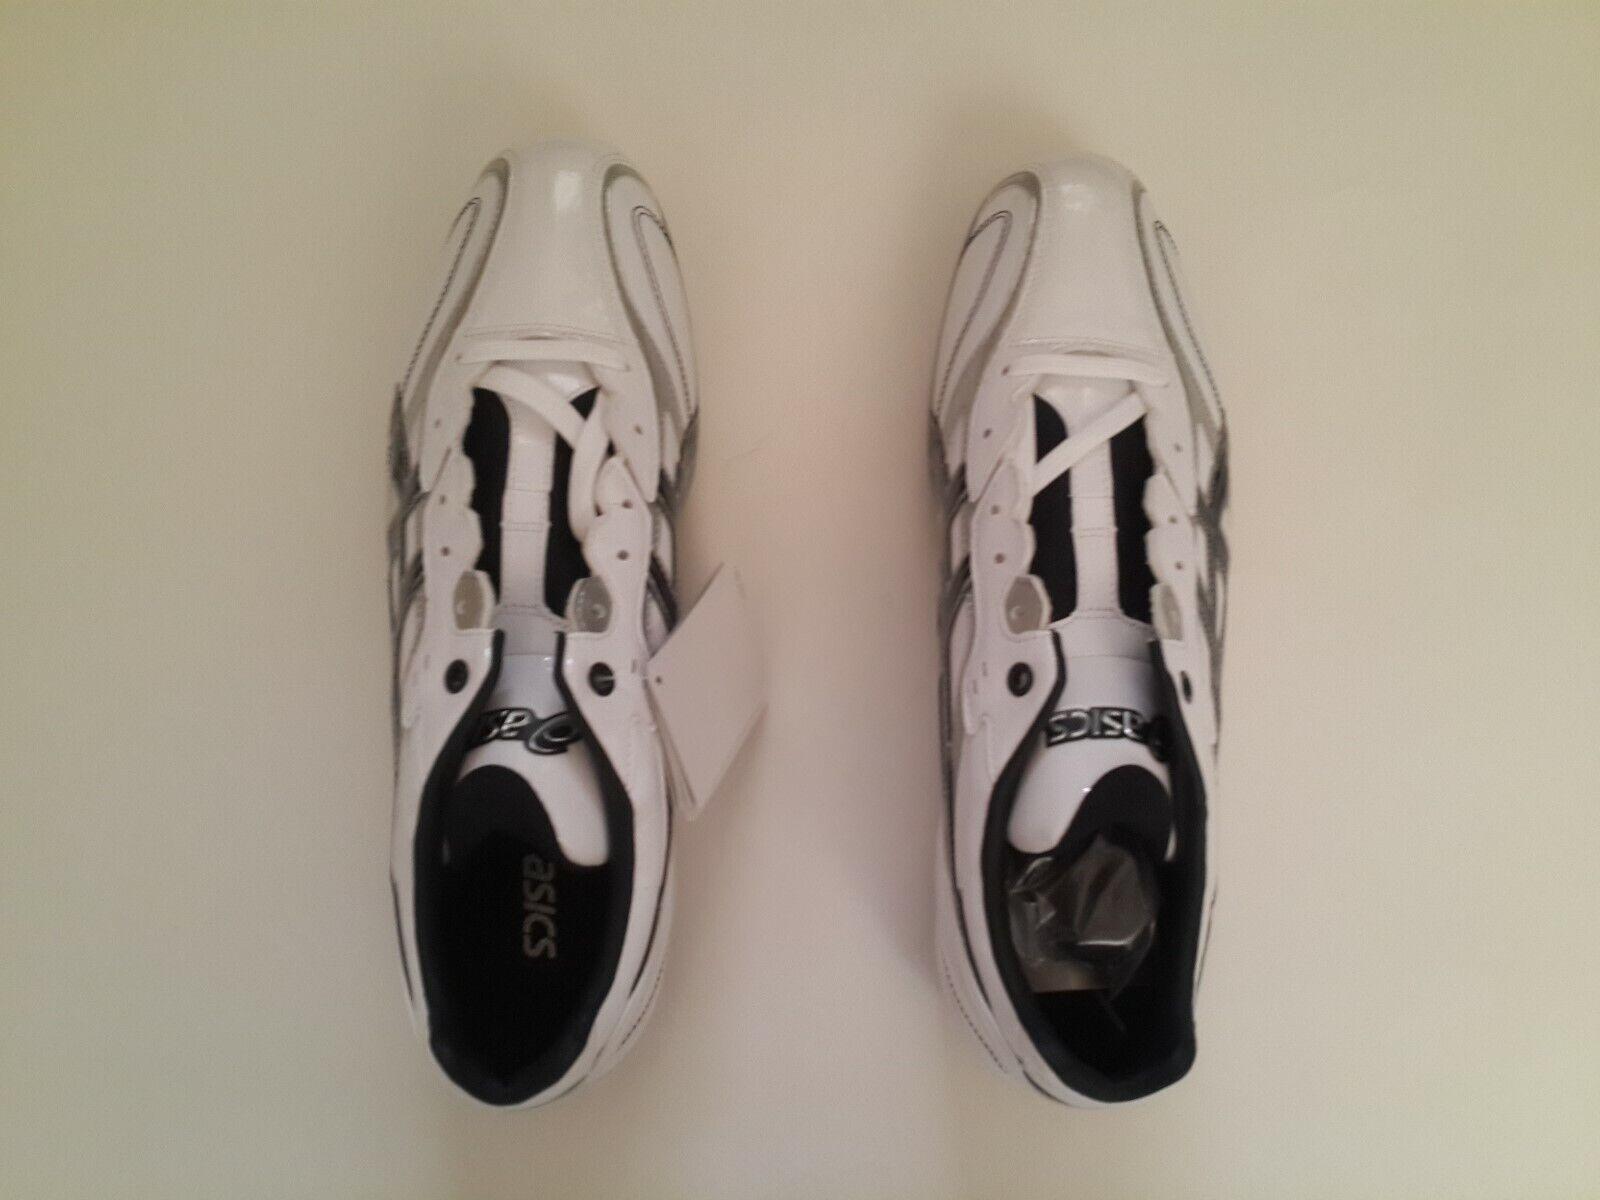 ASICS Baseball shoes SPEEDLUSTER LT SFS600-0150 White N blueee US11.5 295mm